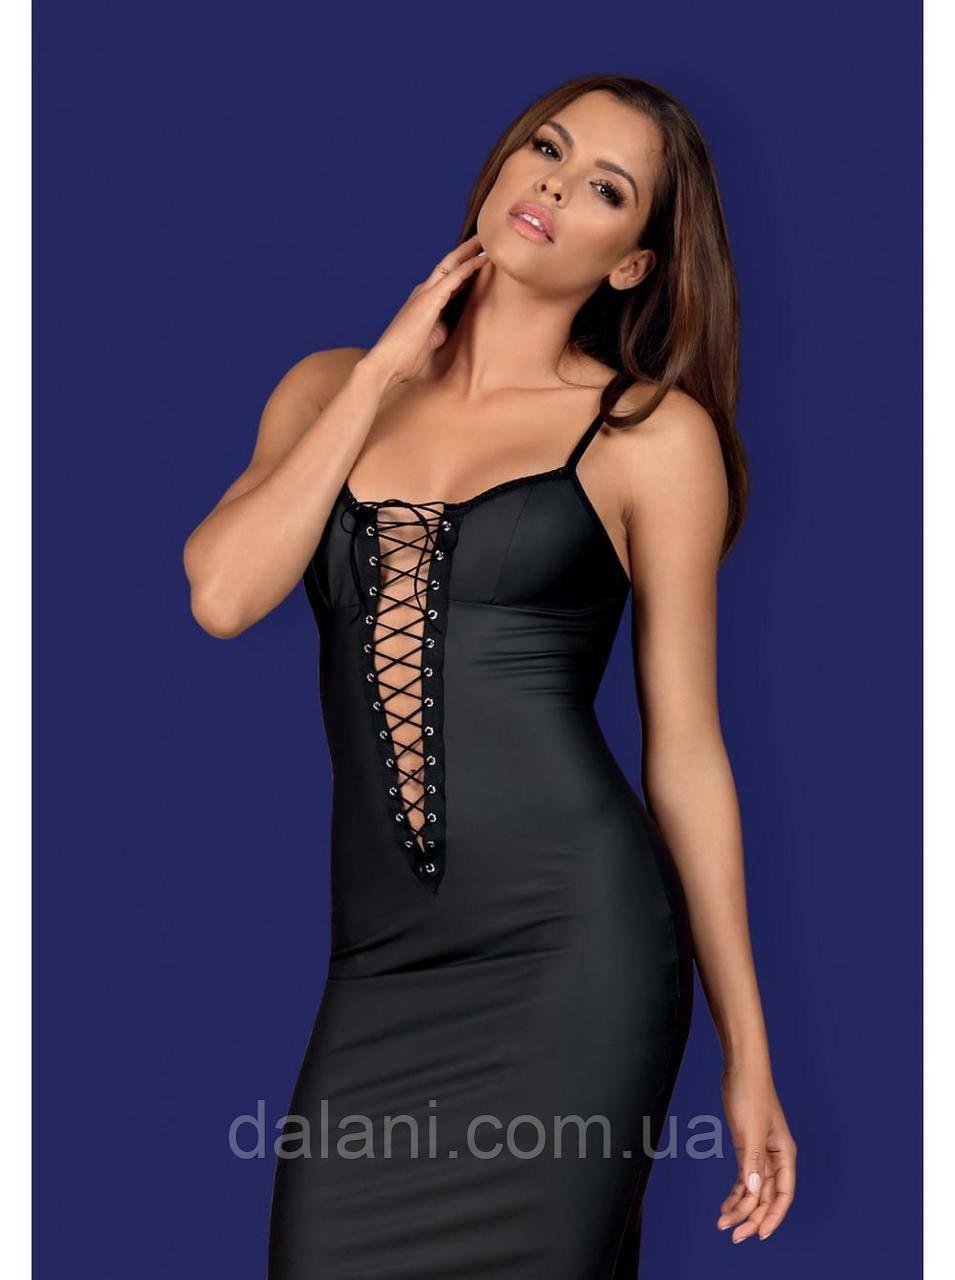 Шикарное прилегающее черное платье-пеньюар со шнуровкой и стрингами